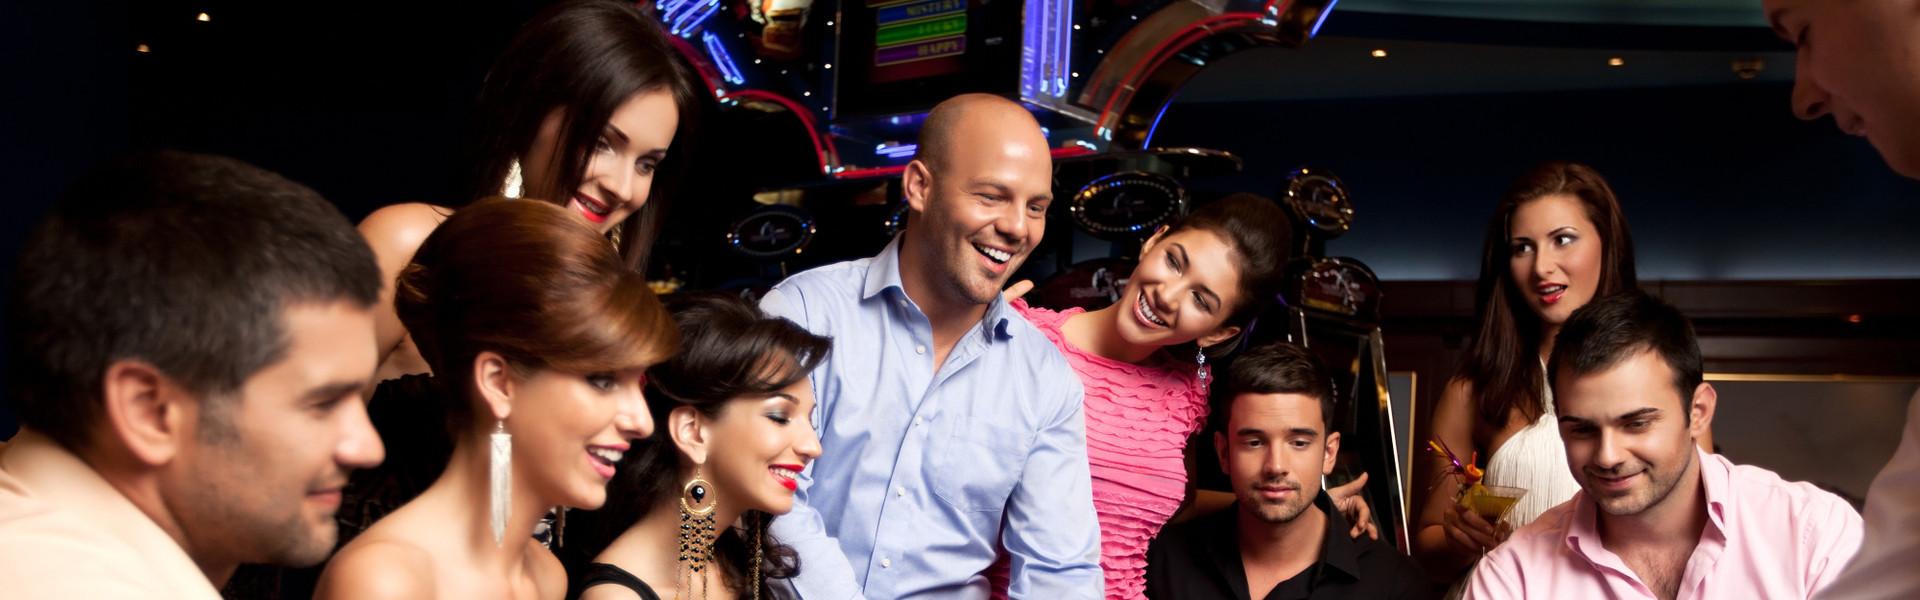 Casino Hosts at our Las Vegas Hotel and Casino   Las Vegas Casino